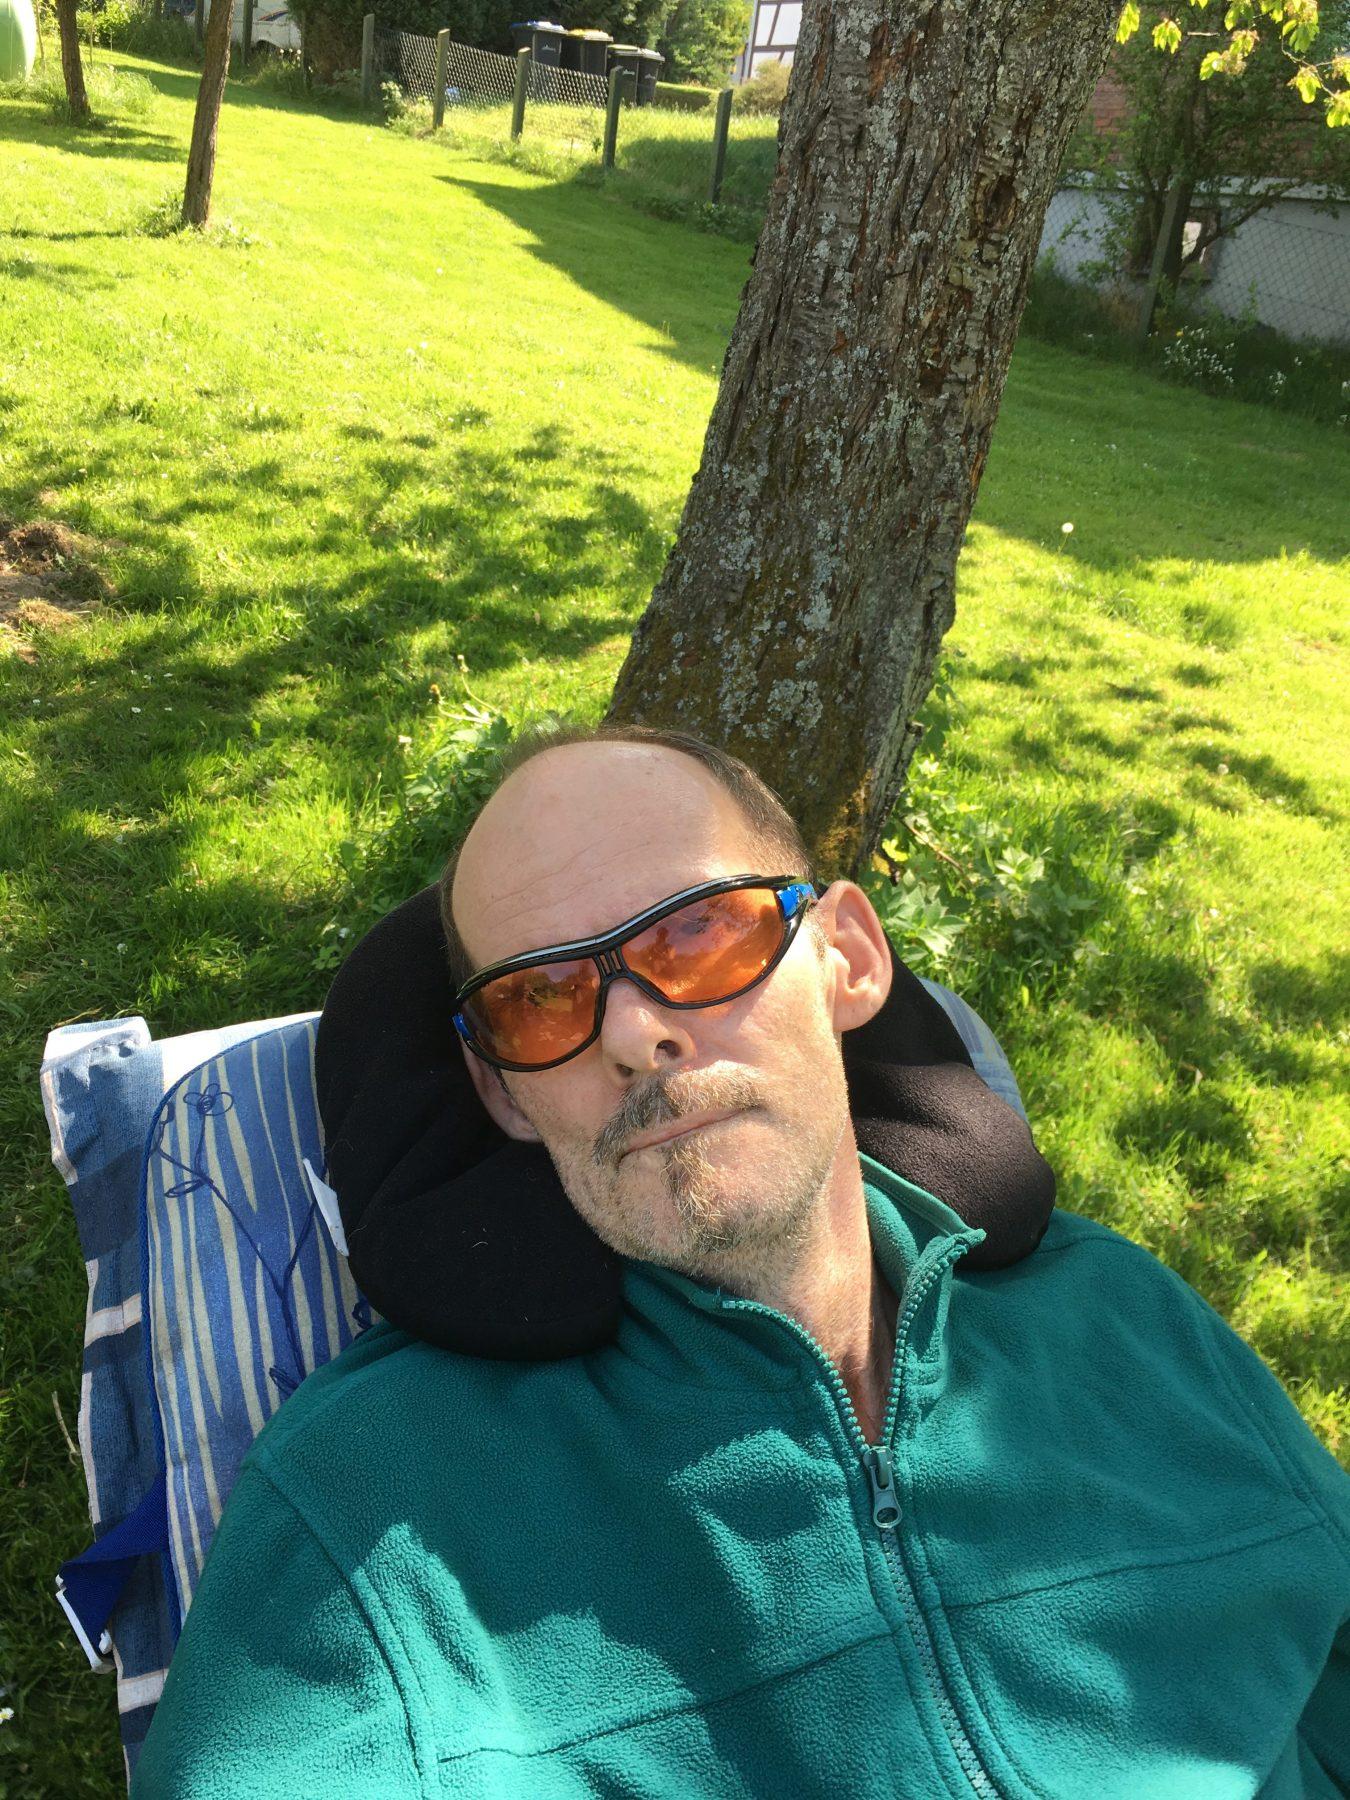 Ende Mai 2018 | Zwei Wochen zuhause nach der OP